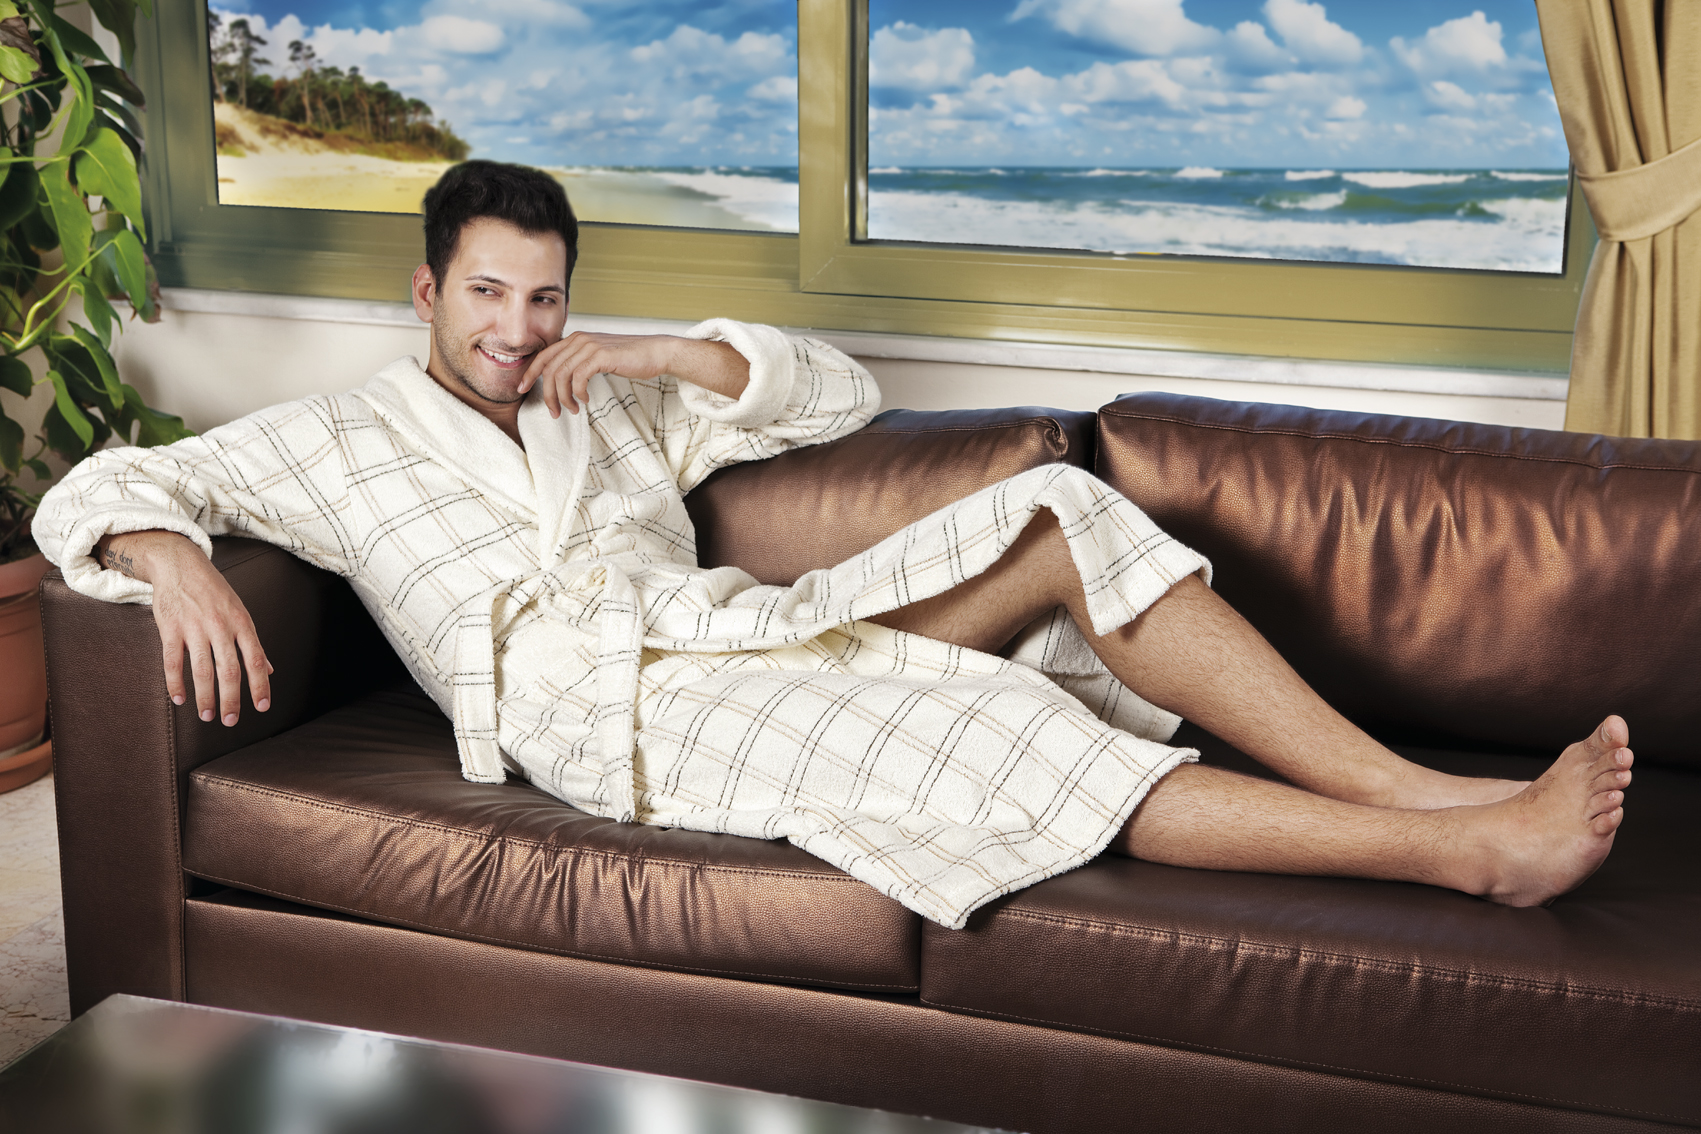 Как одеватся дома, когда вас никто не видит - Домашняя мода